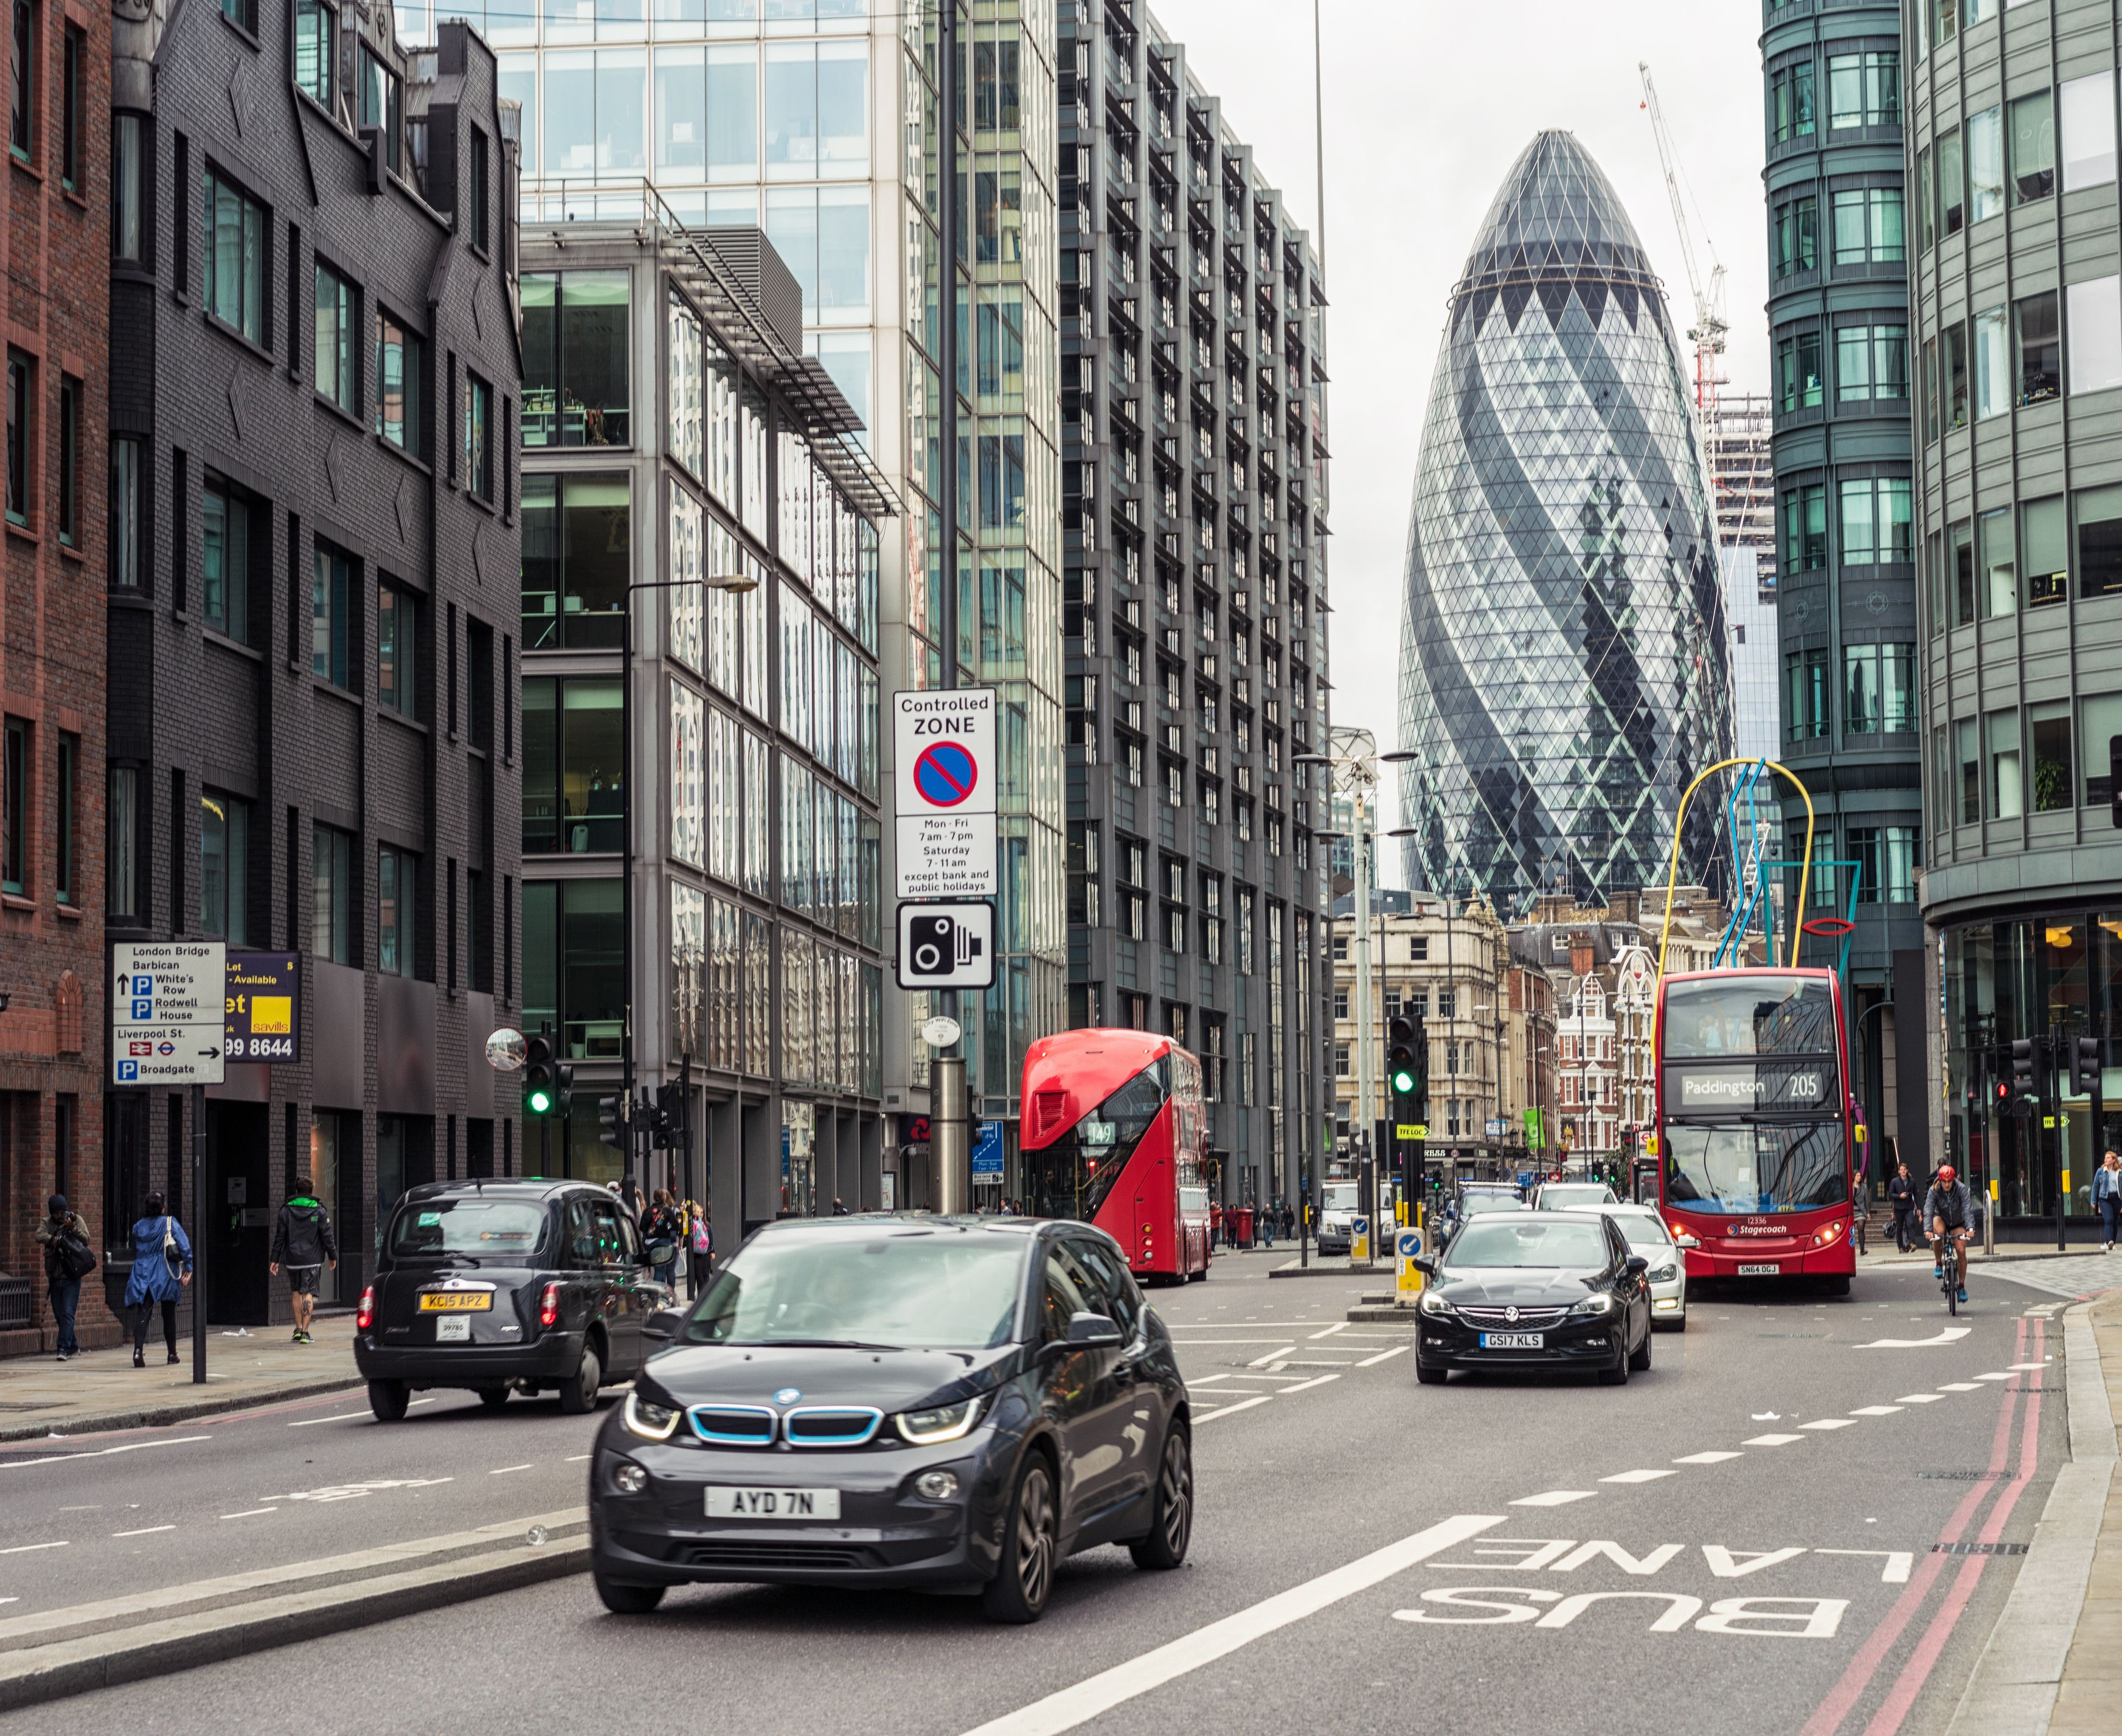 Tráfico moderno en el centro de Londres